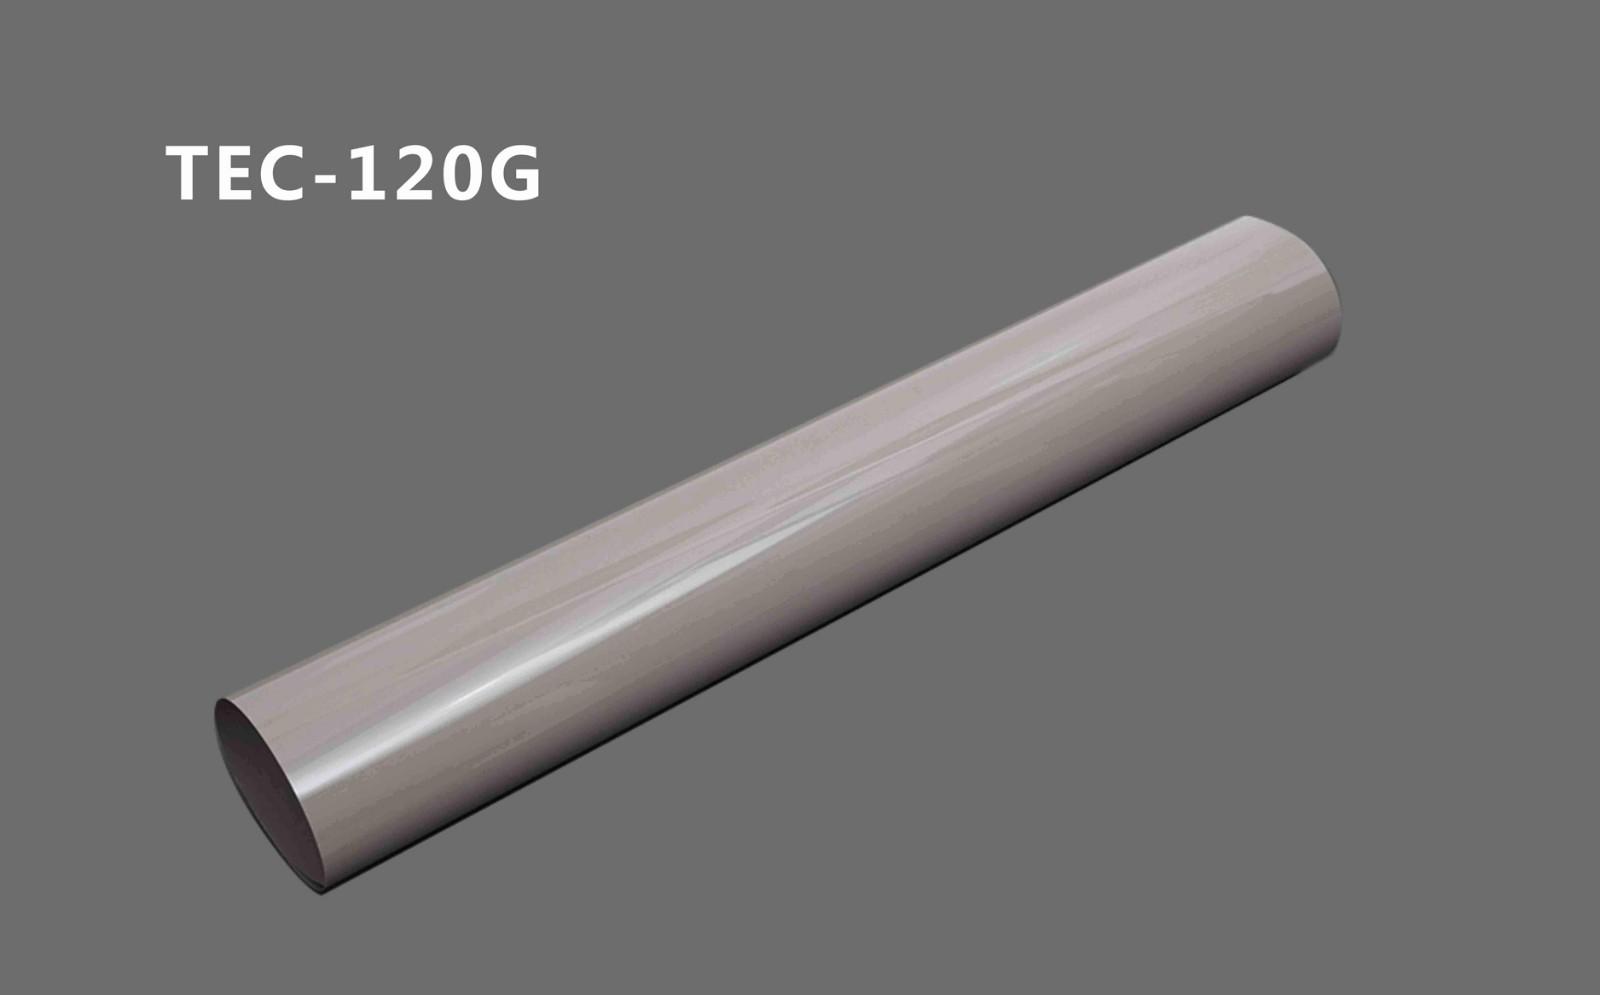 TEC-120G